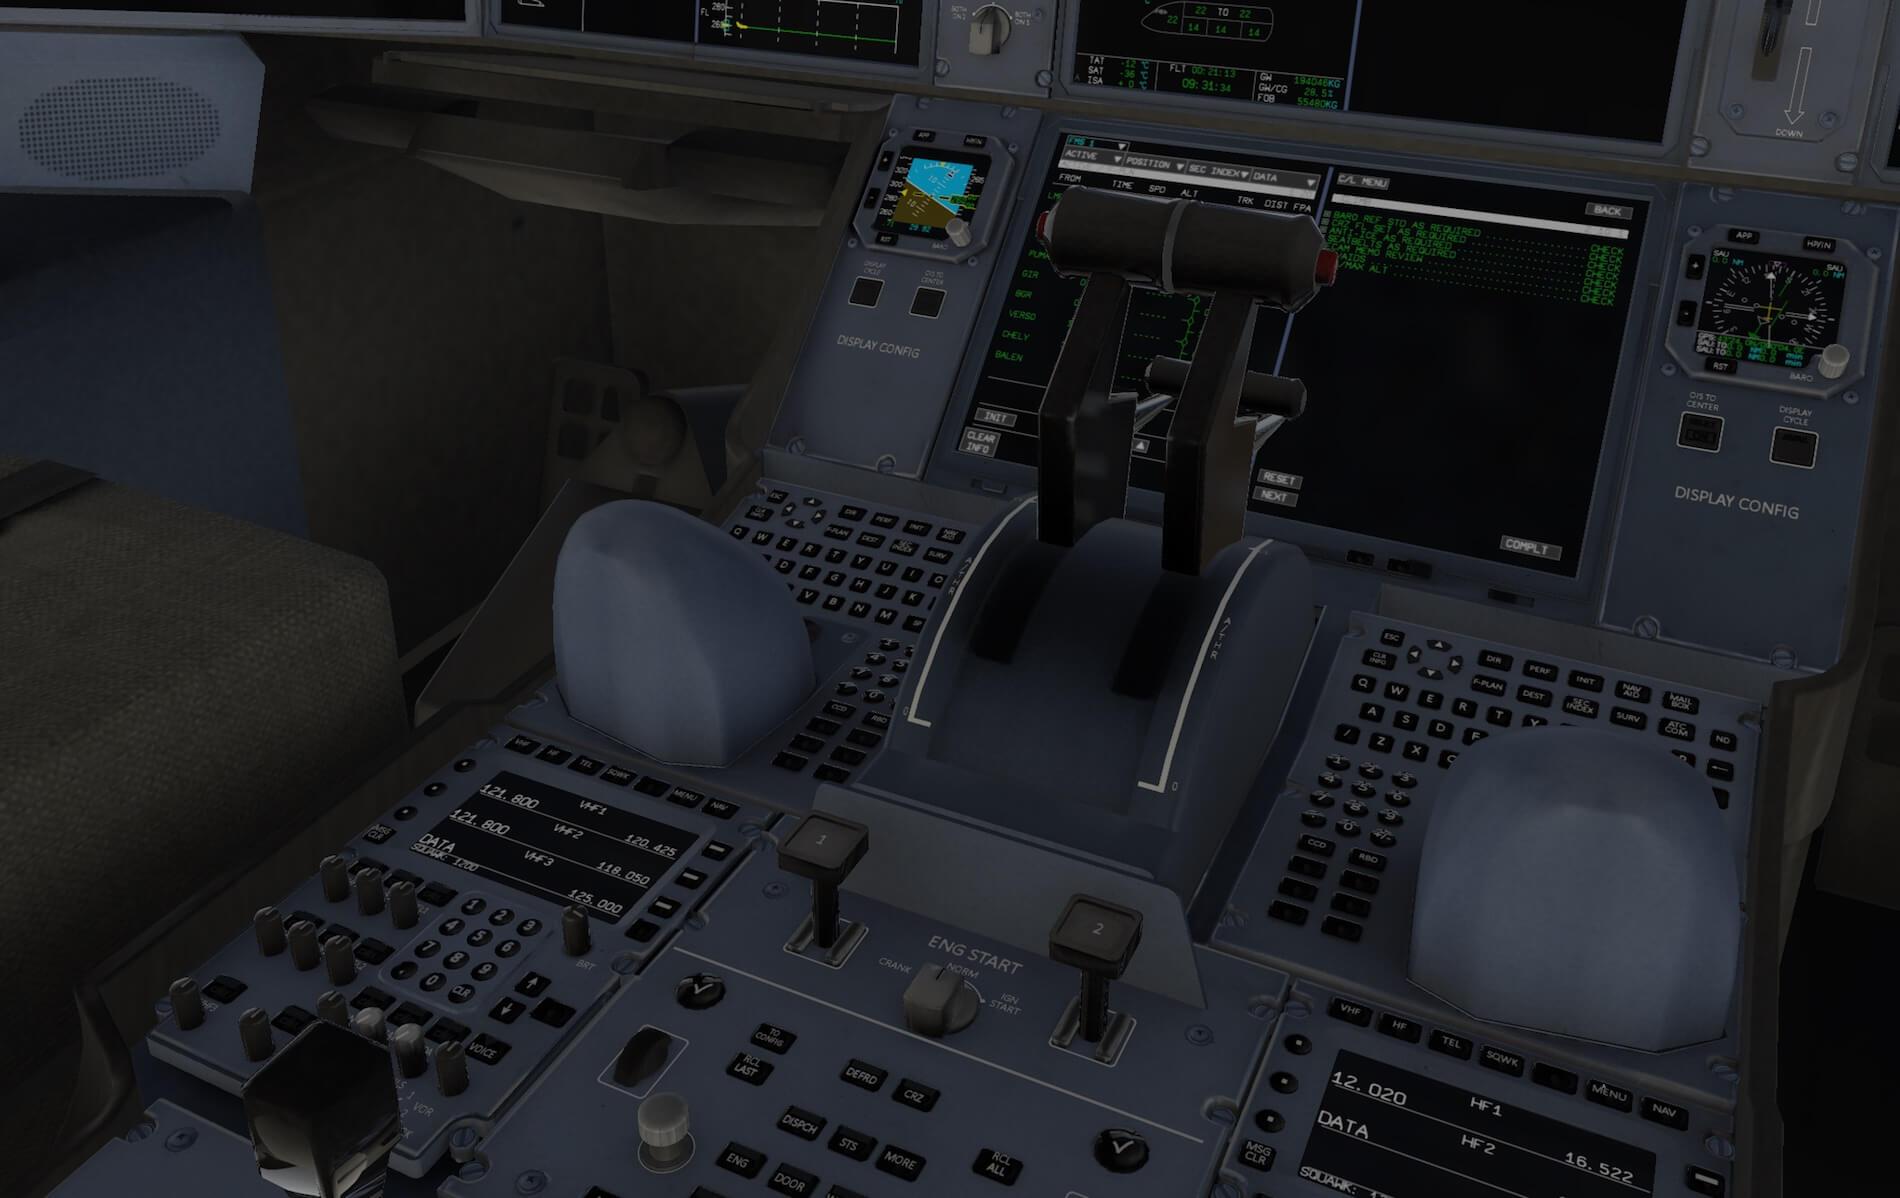 A350_xp11_41